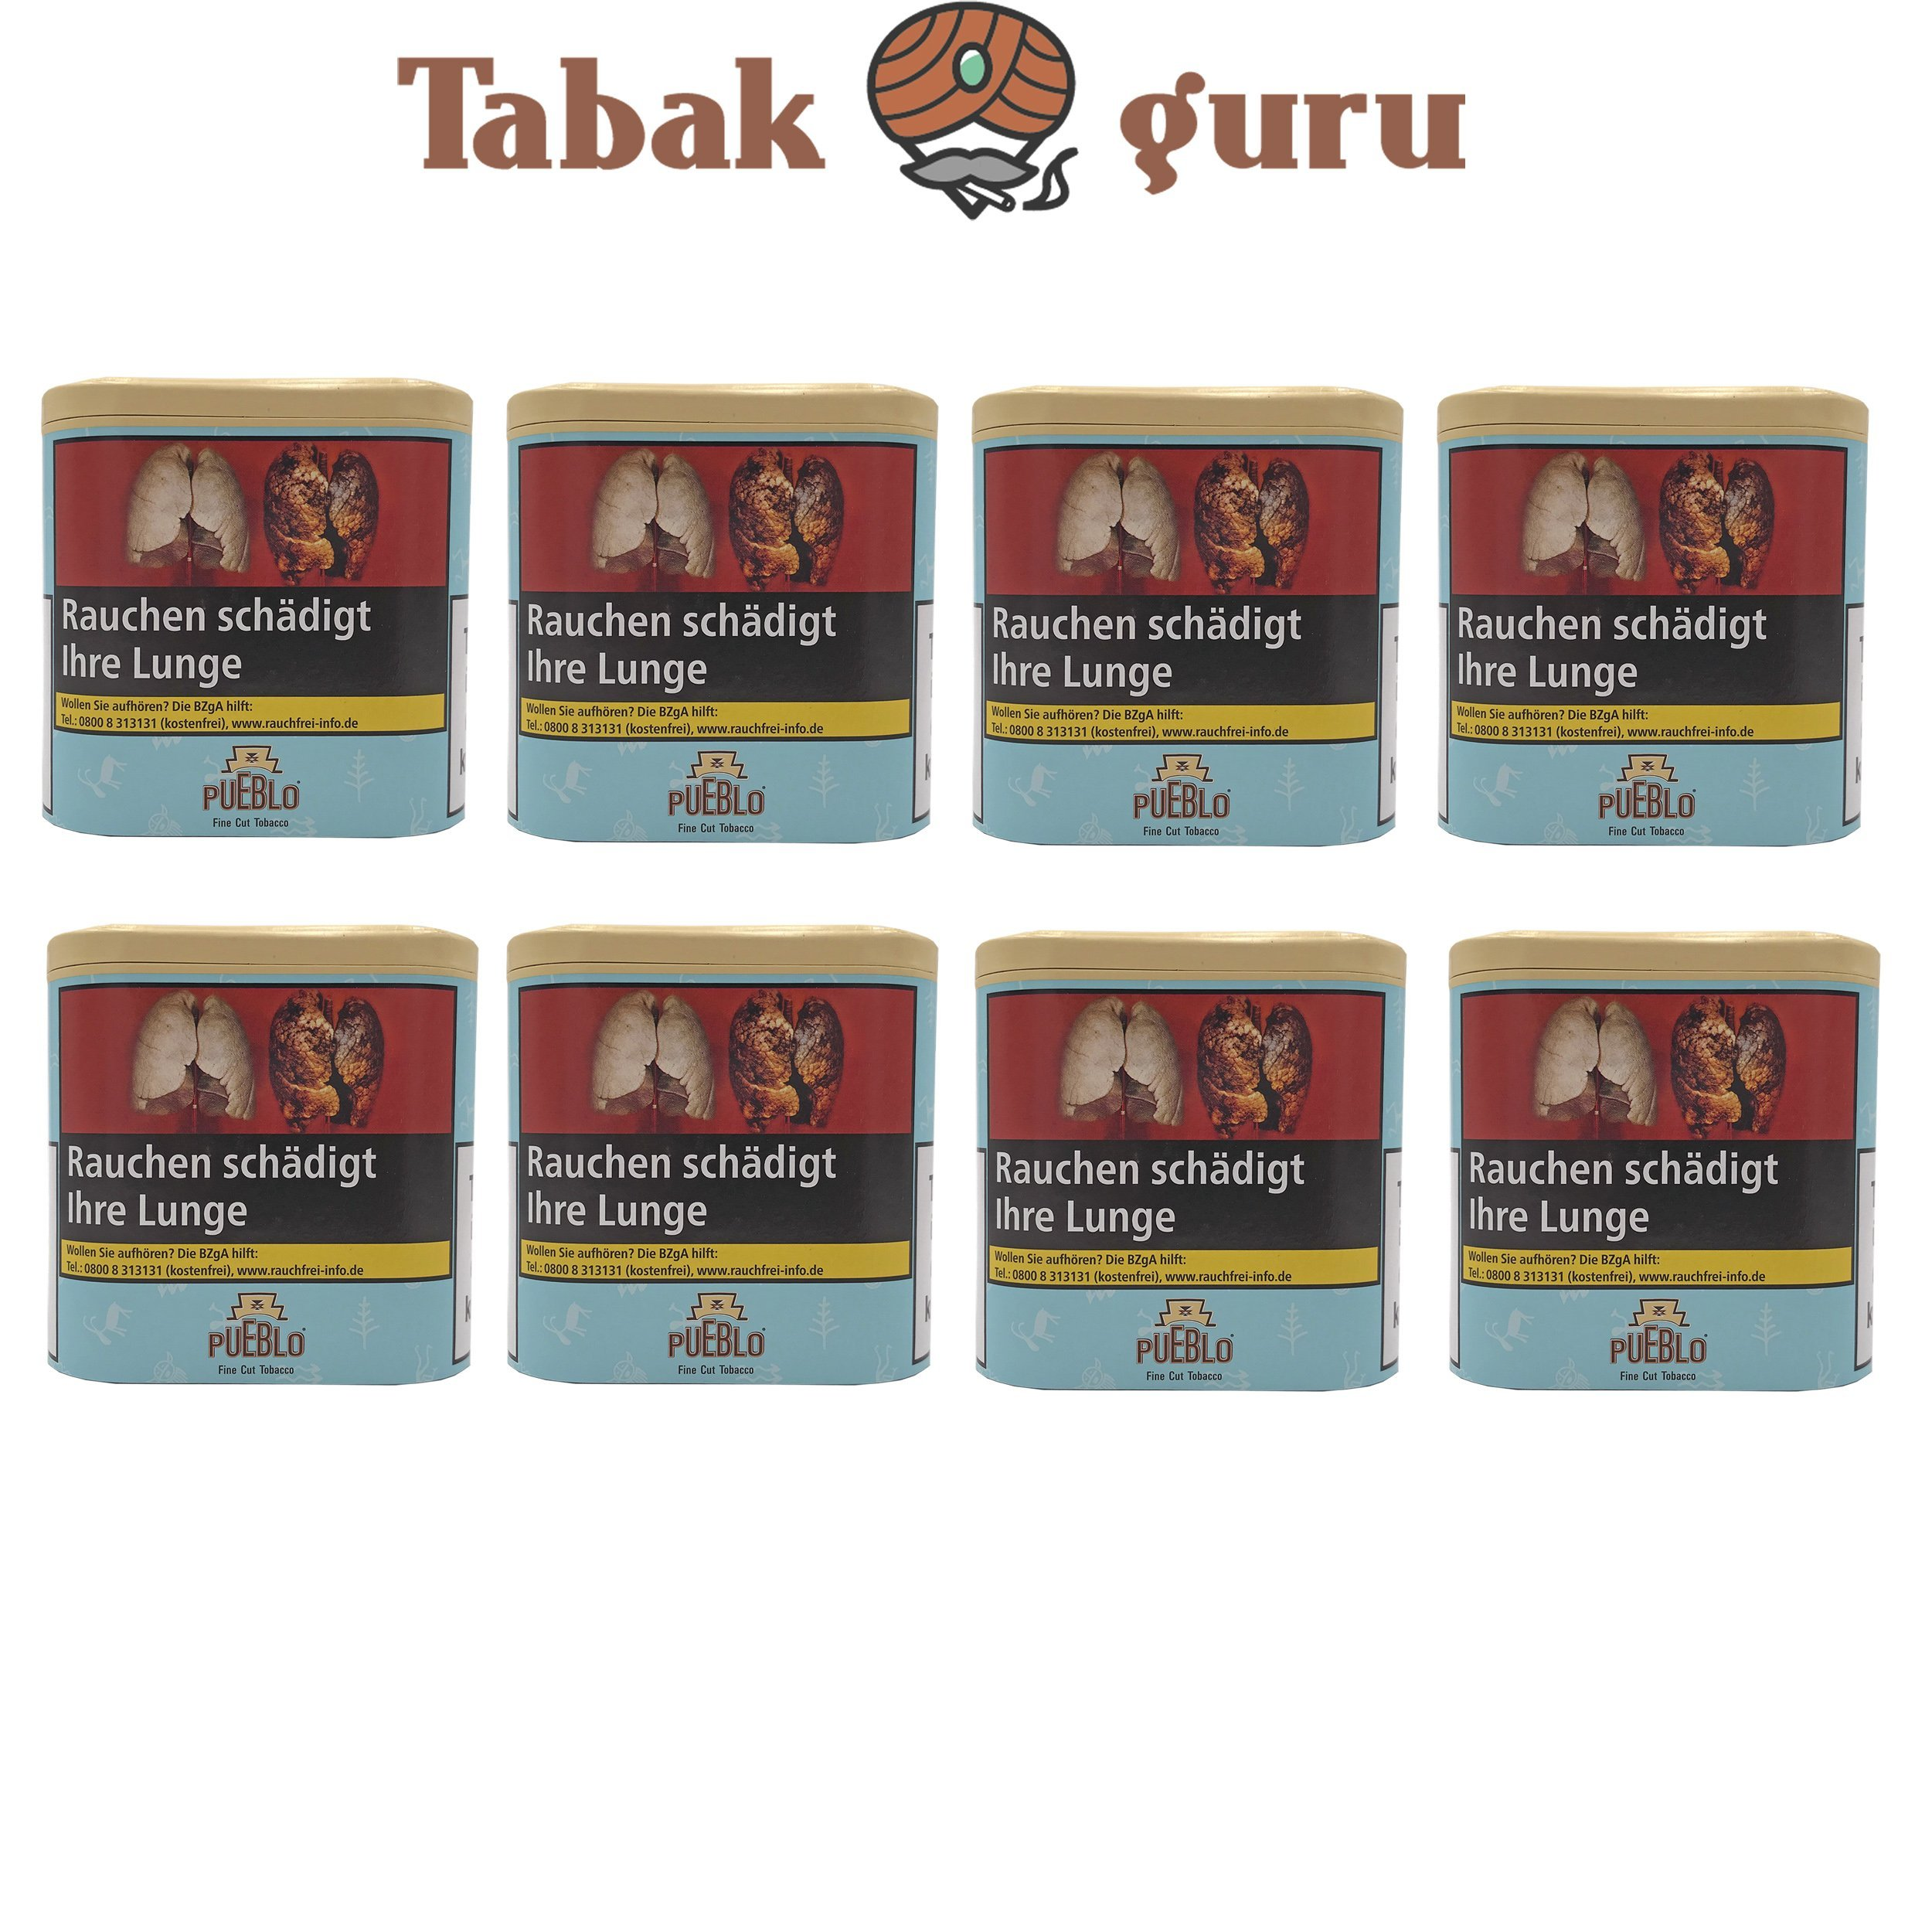 8x Pueblo Blau Feinschnitt Drehtabak Dose á 100g Tabak ohne Zusatzstoffe